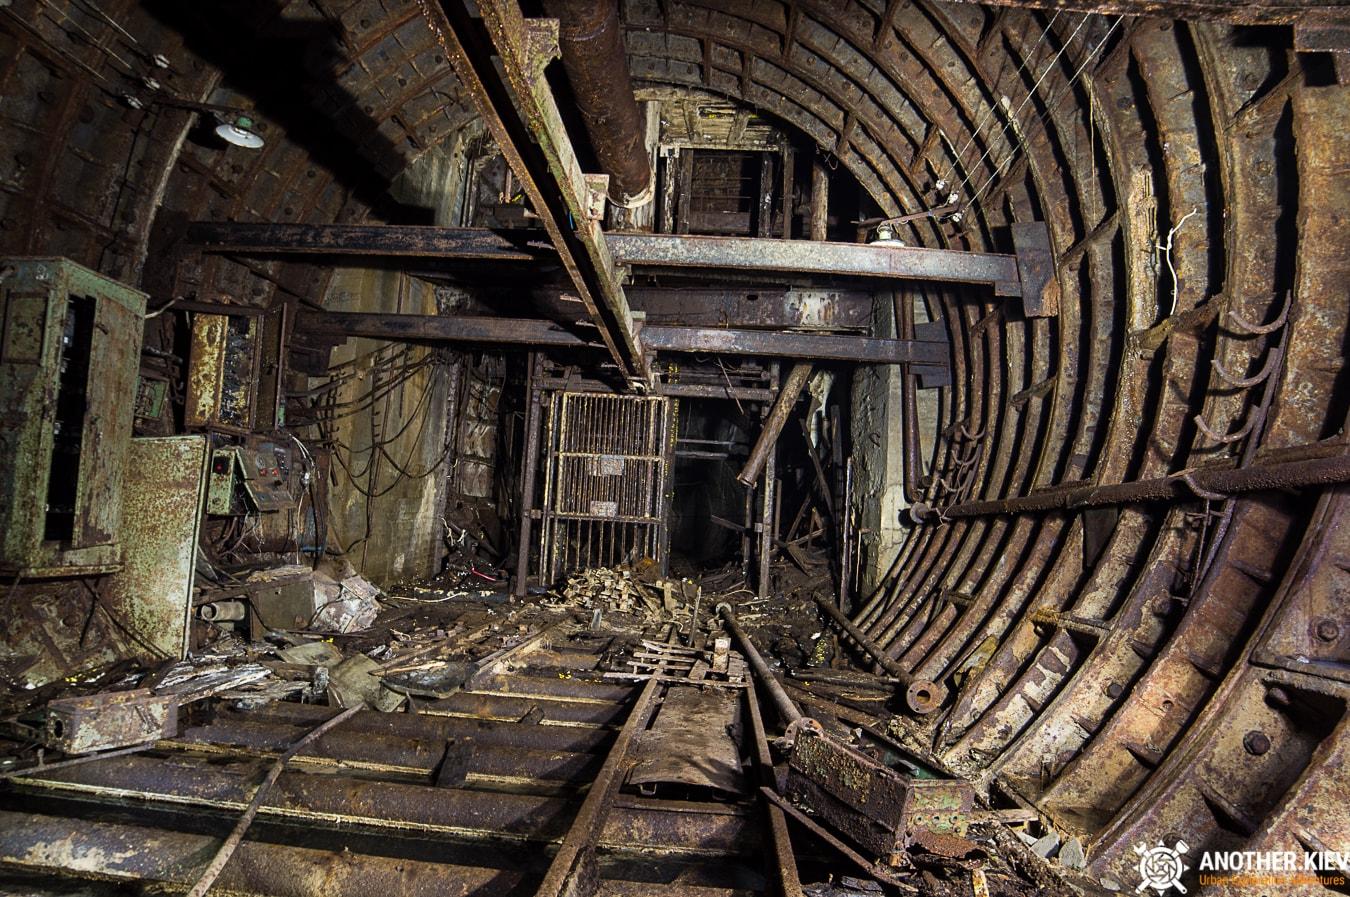 unfinished-abandoned-diesel-power-station-bunker-6830-min Недостроенная и заброшенная дизельная электростанция в киевском метро